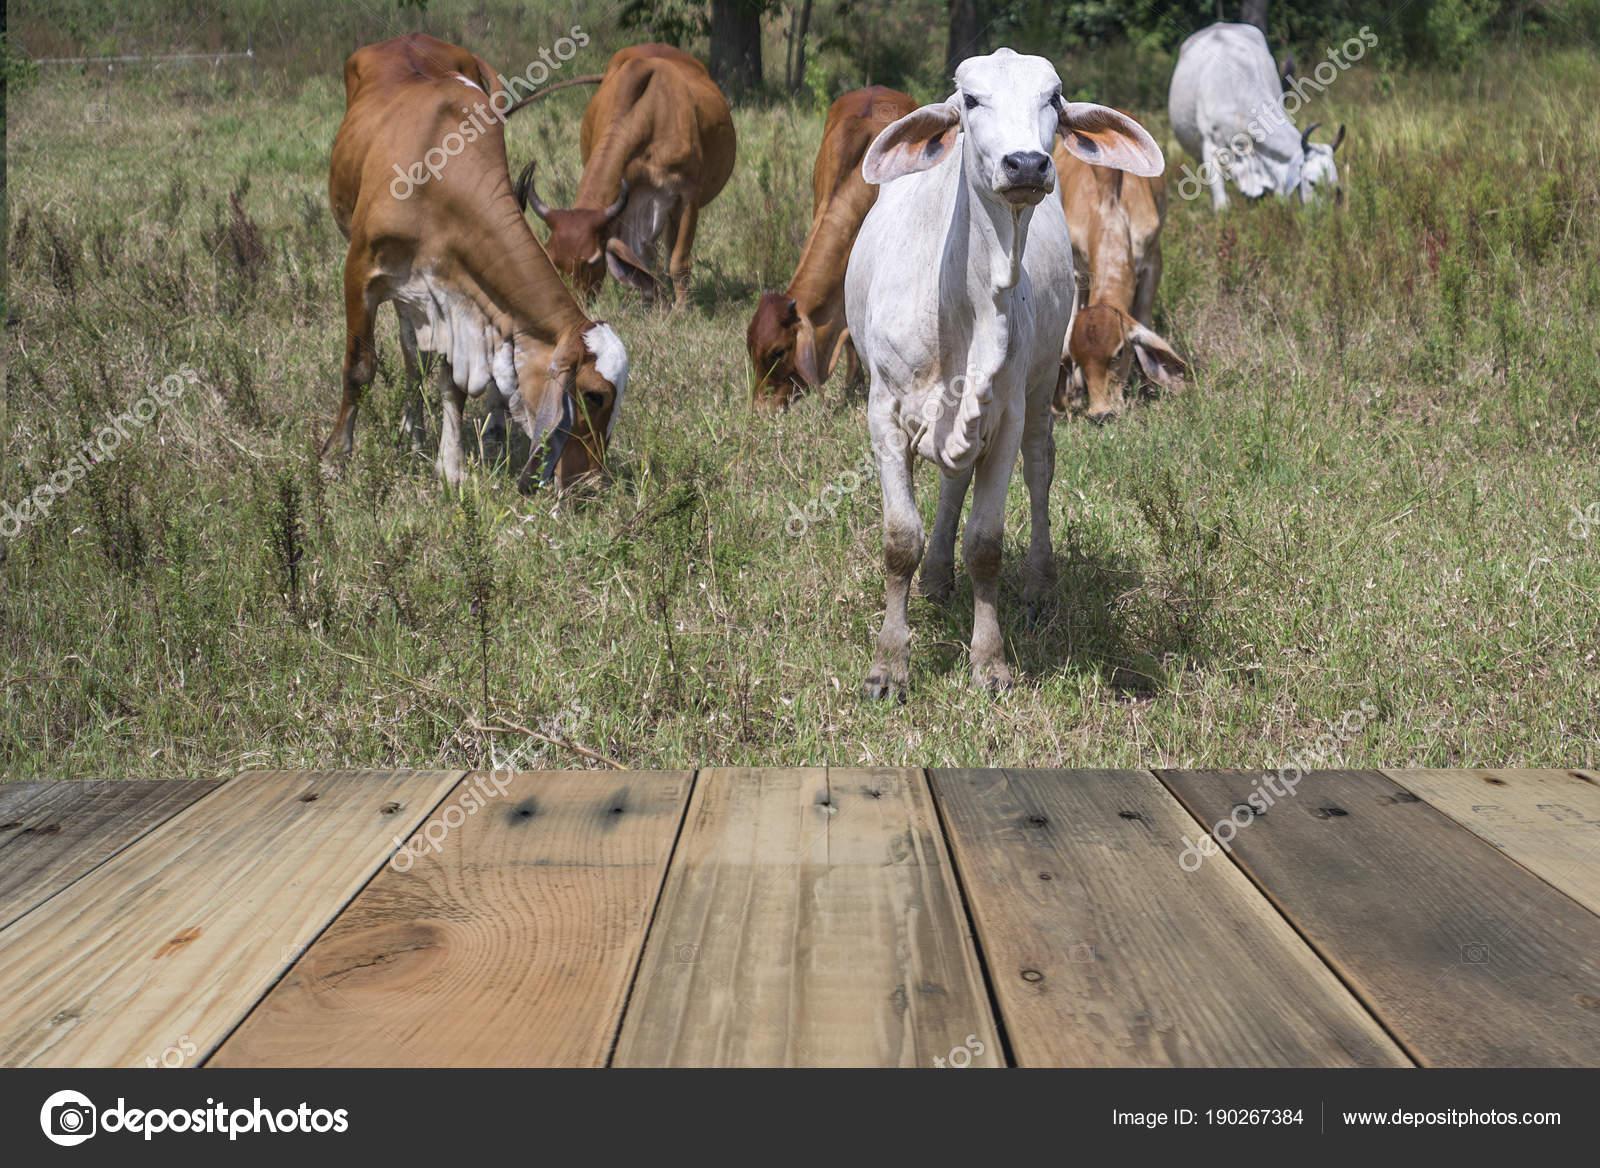 Terraza Madera Con Vaca Blanca Estaba Parada Campo Con Gente